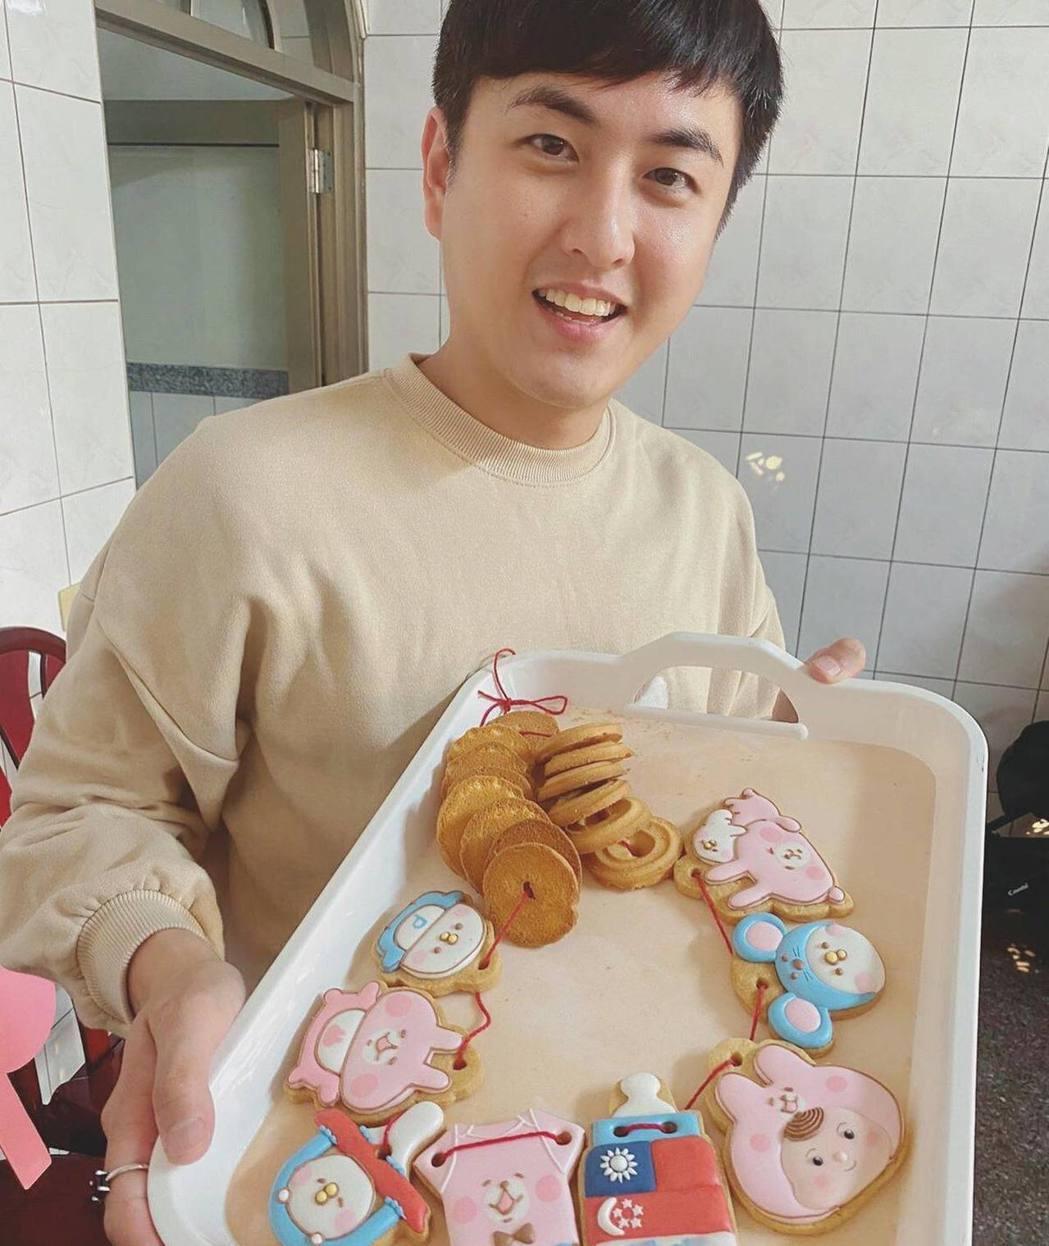 黃靖倫幫兒子準備收涎餅乾。圖/摘自臉書